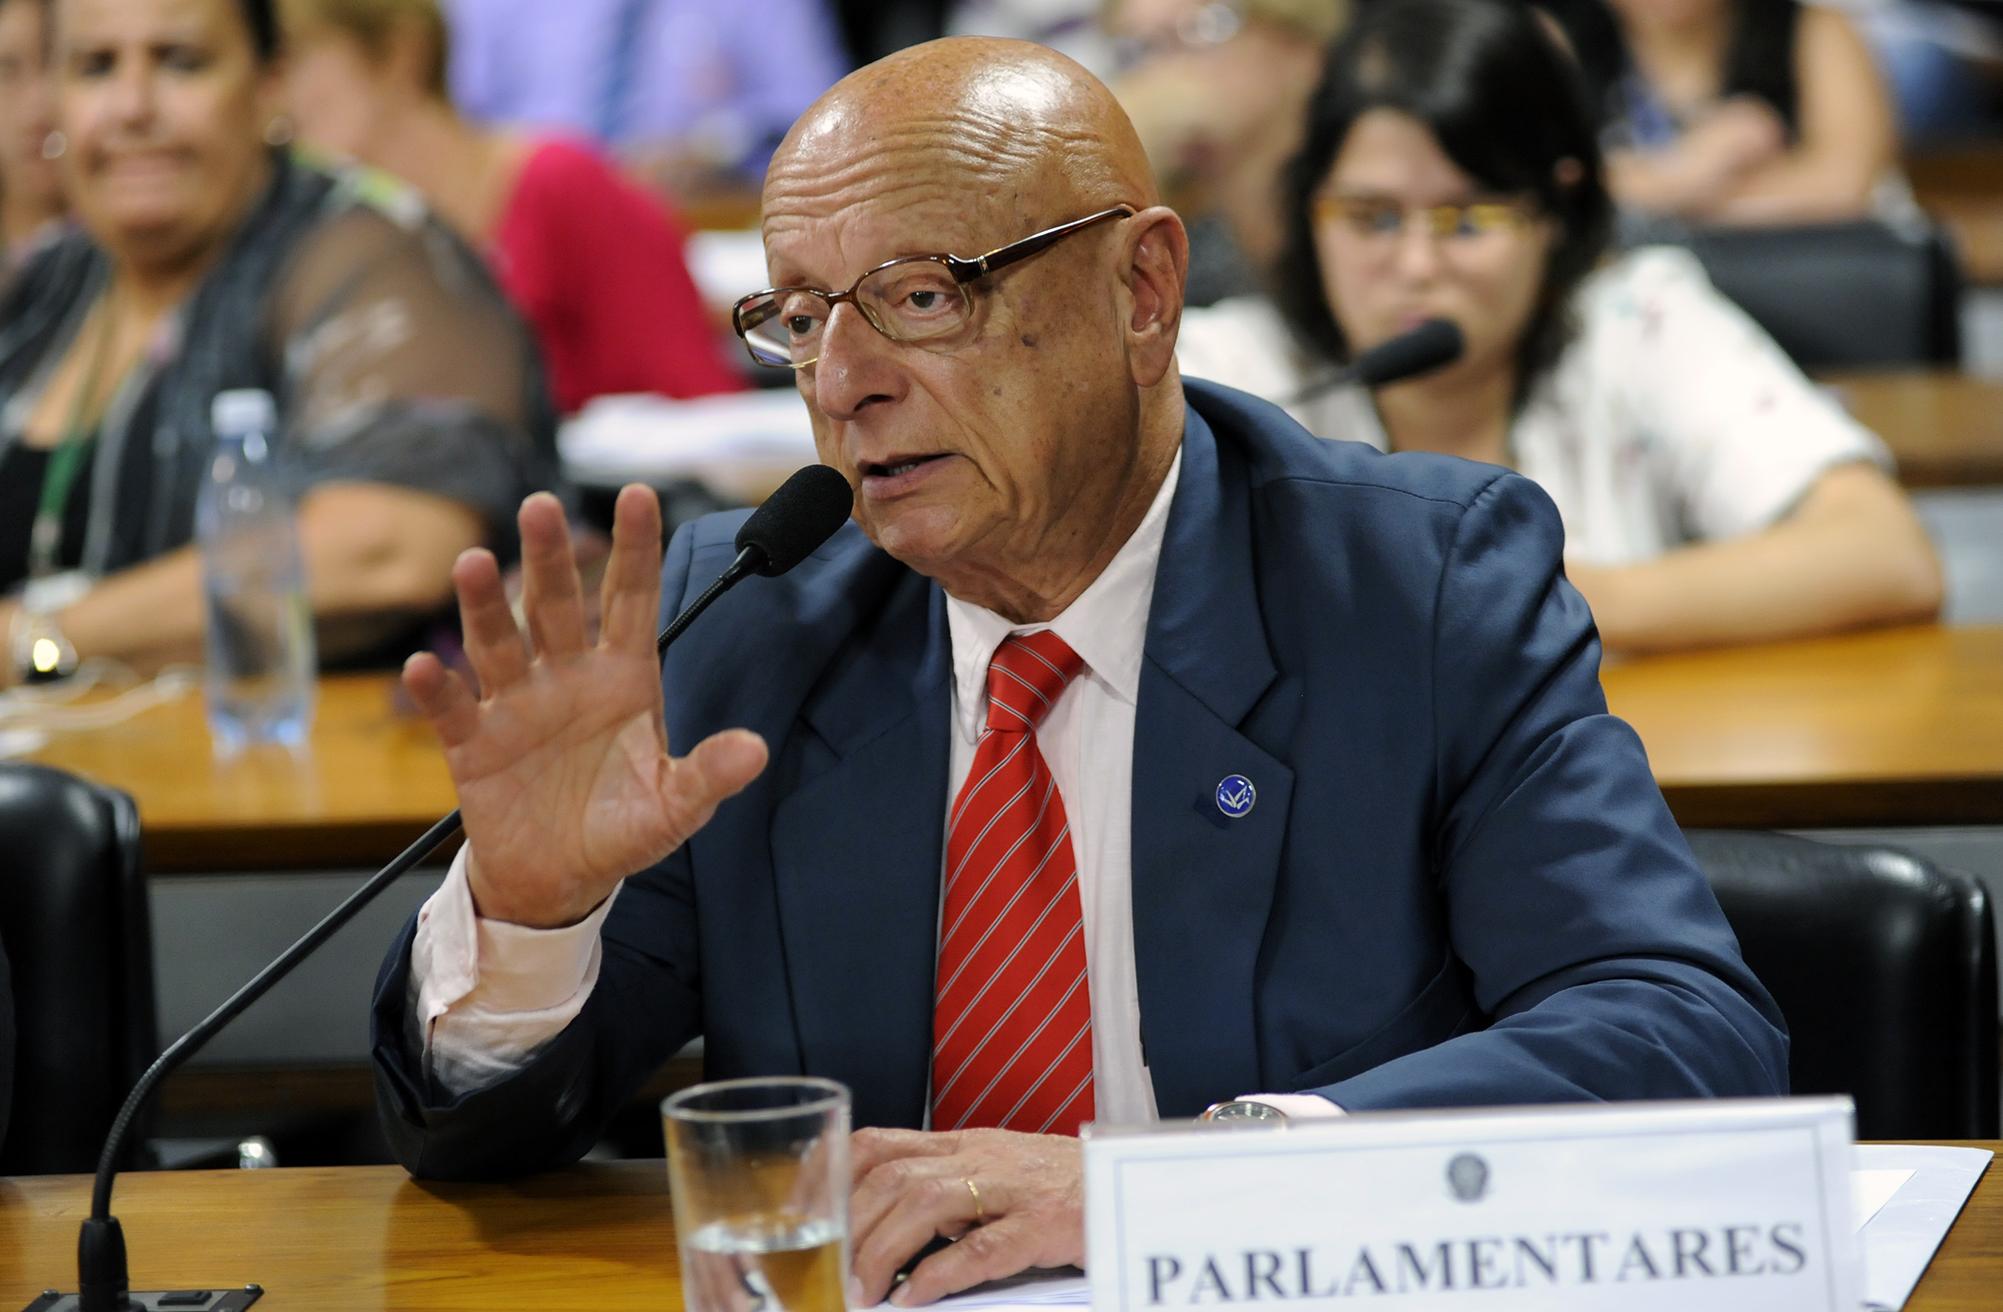 Comissão Mista sobre a MP 747/16, para dispor sobre o processo de renovação do prazo das concessões e permissões dos Serviços de Radiodifusão. Dep. Esperidião Amin (PP - SC)